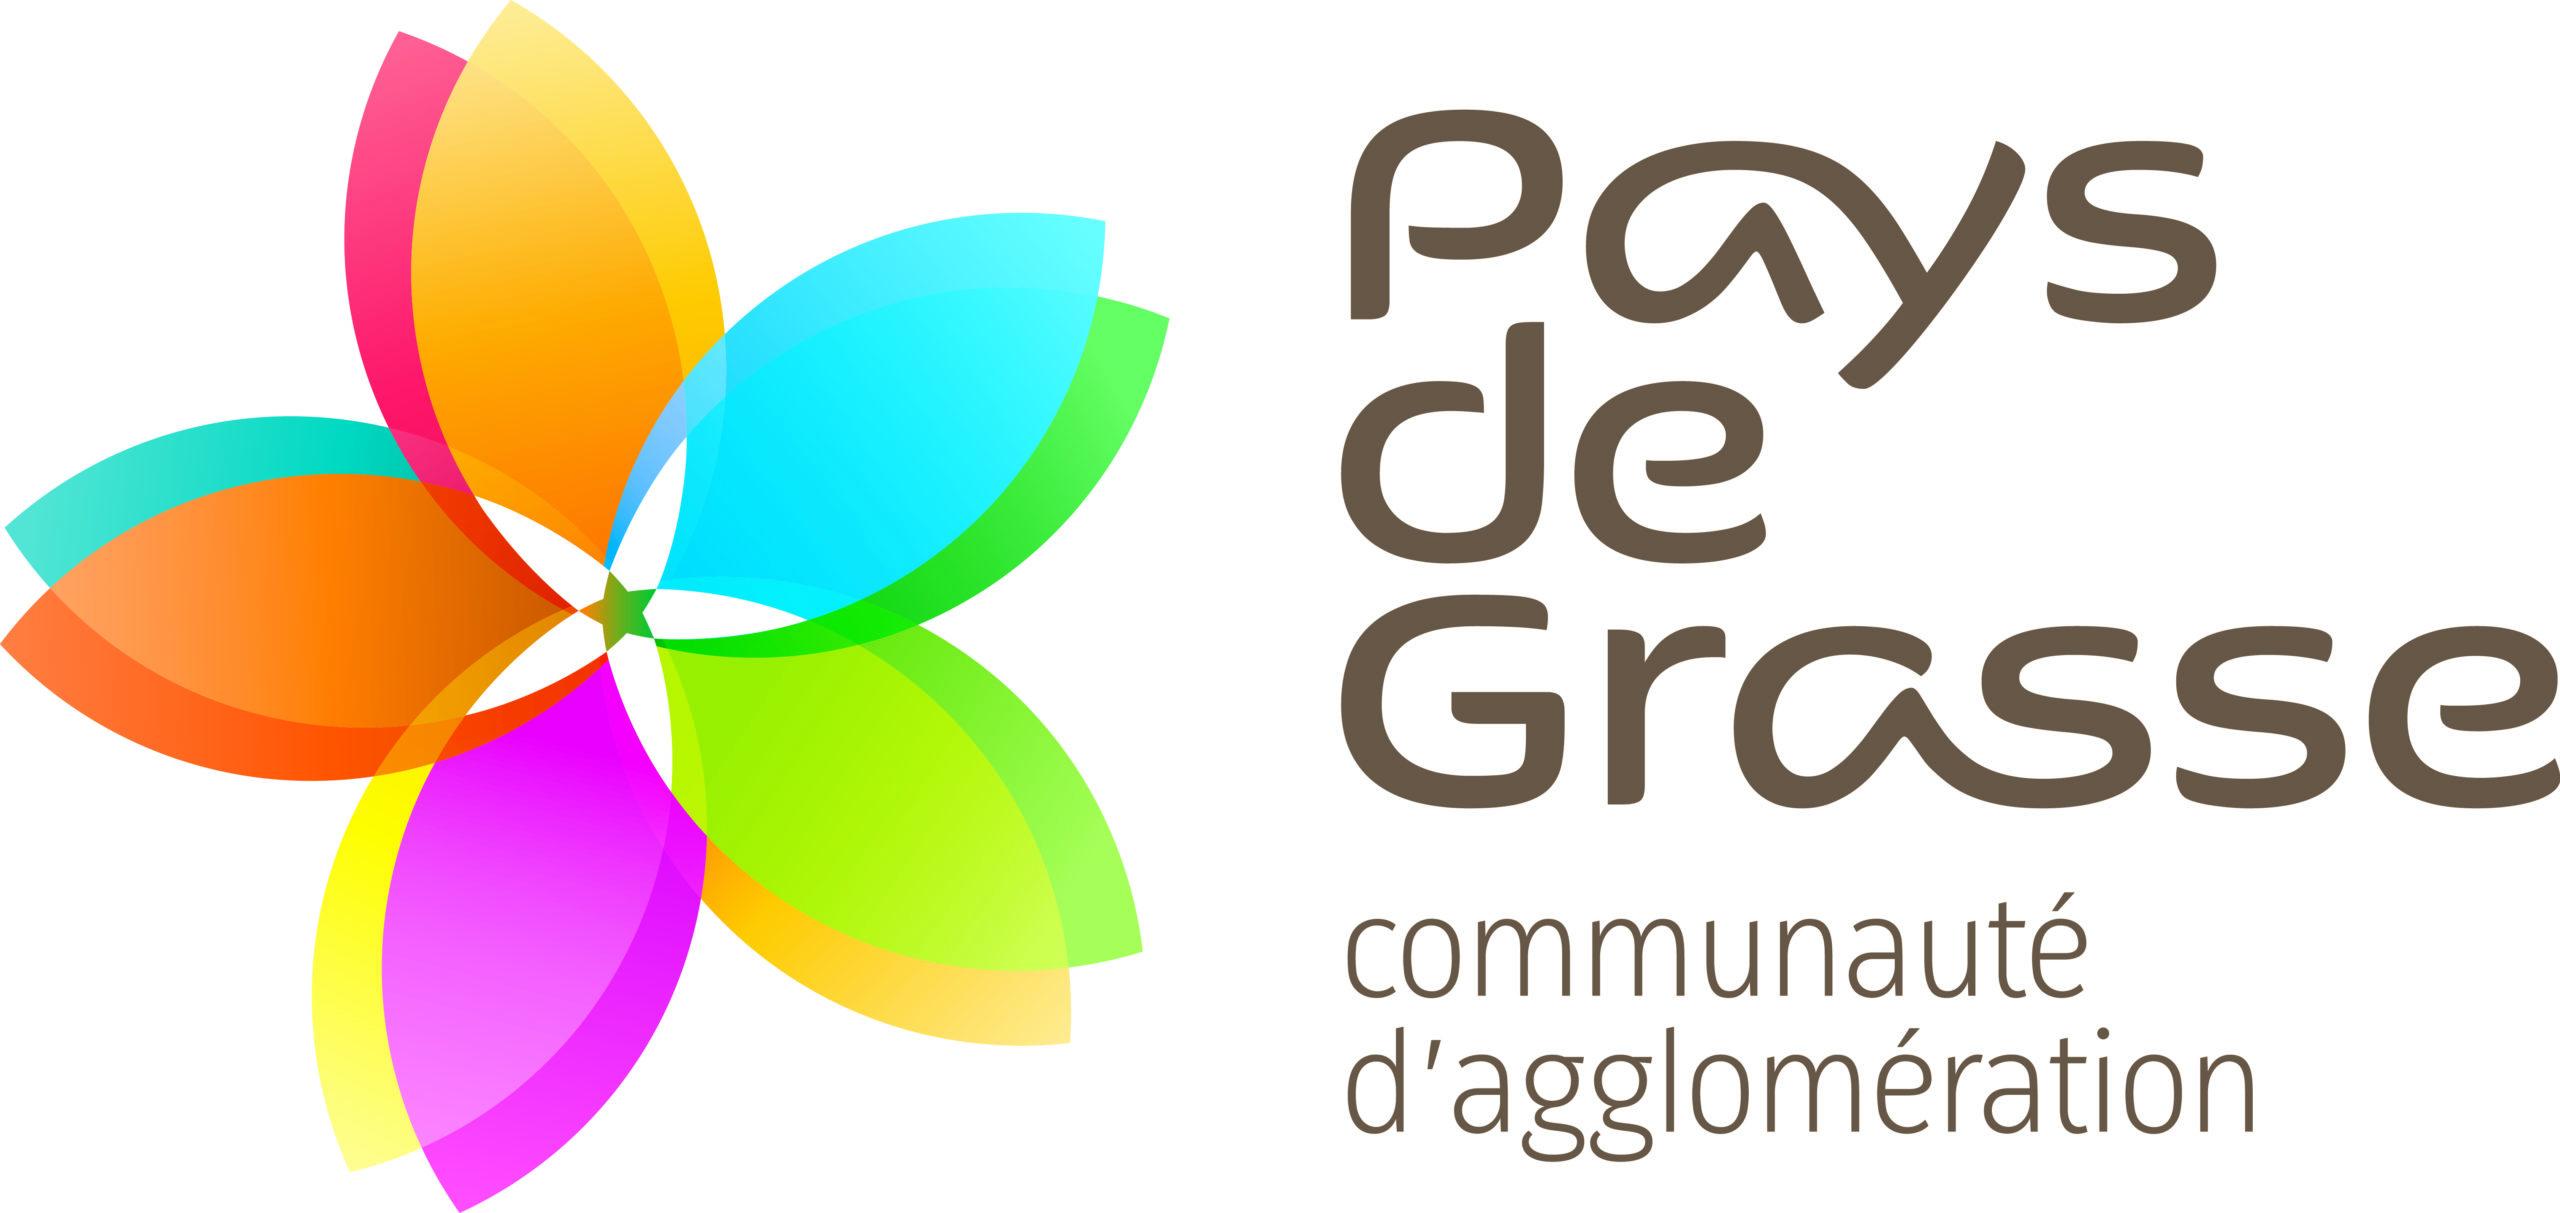 Pays de Grasse Partenaire technique historique depuis 2019